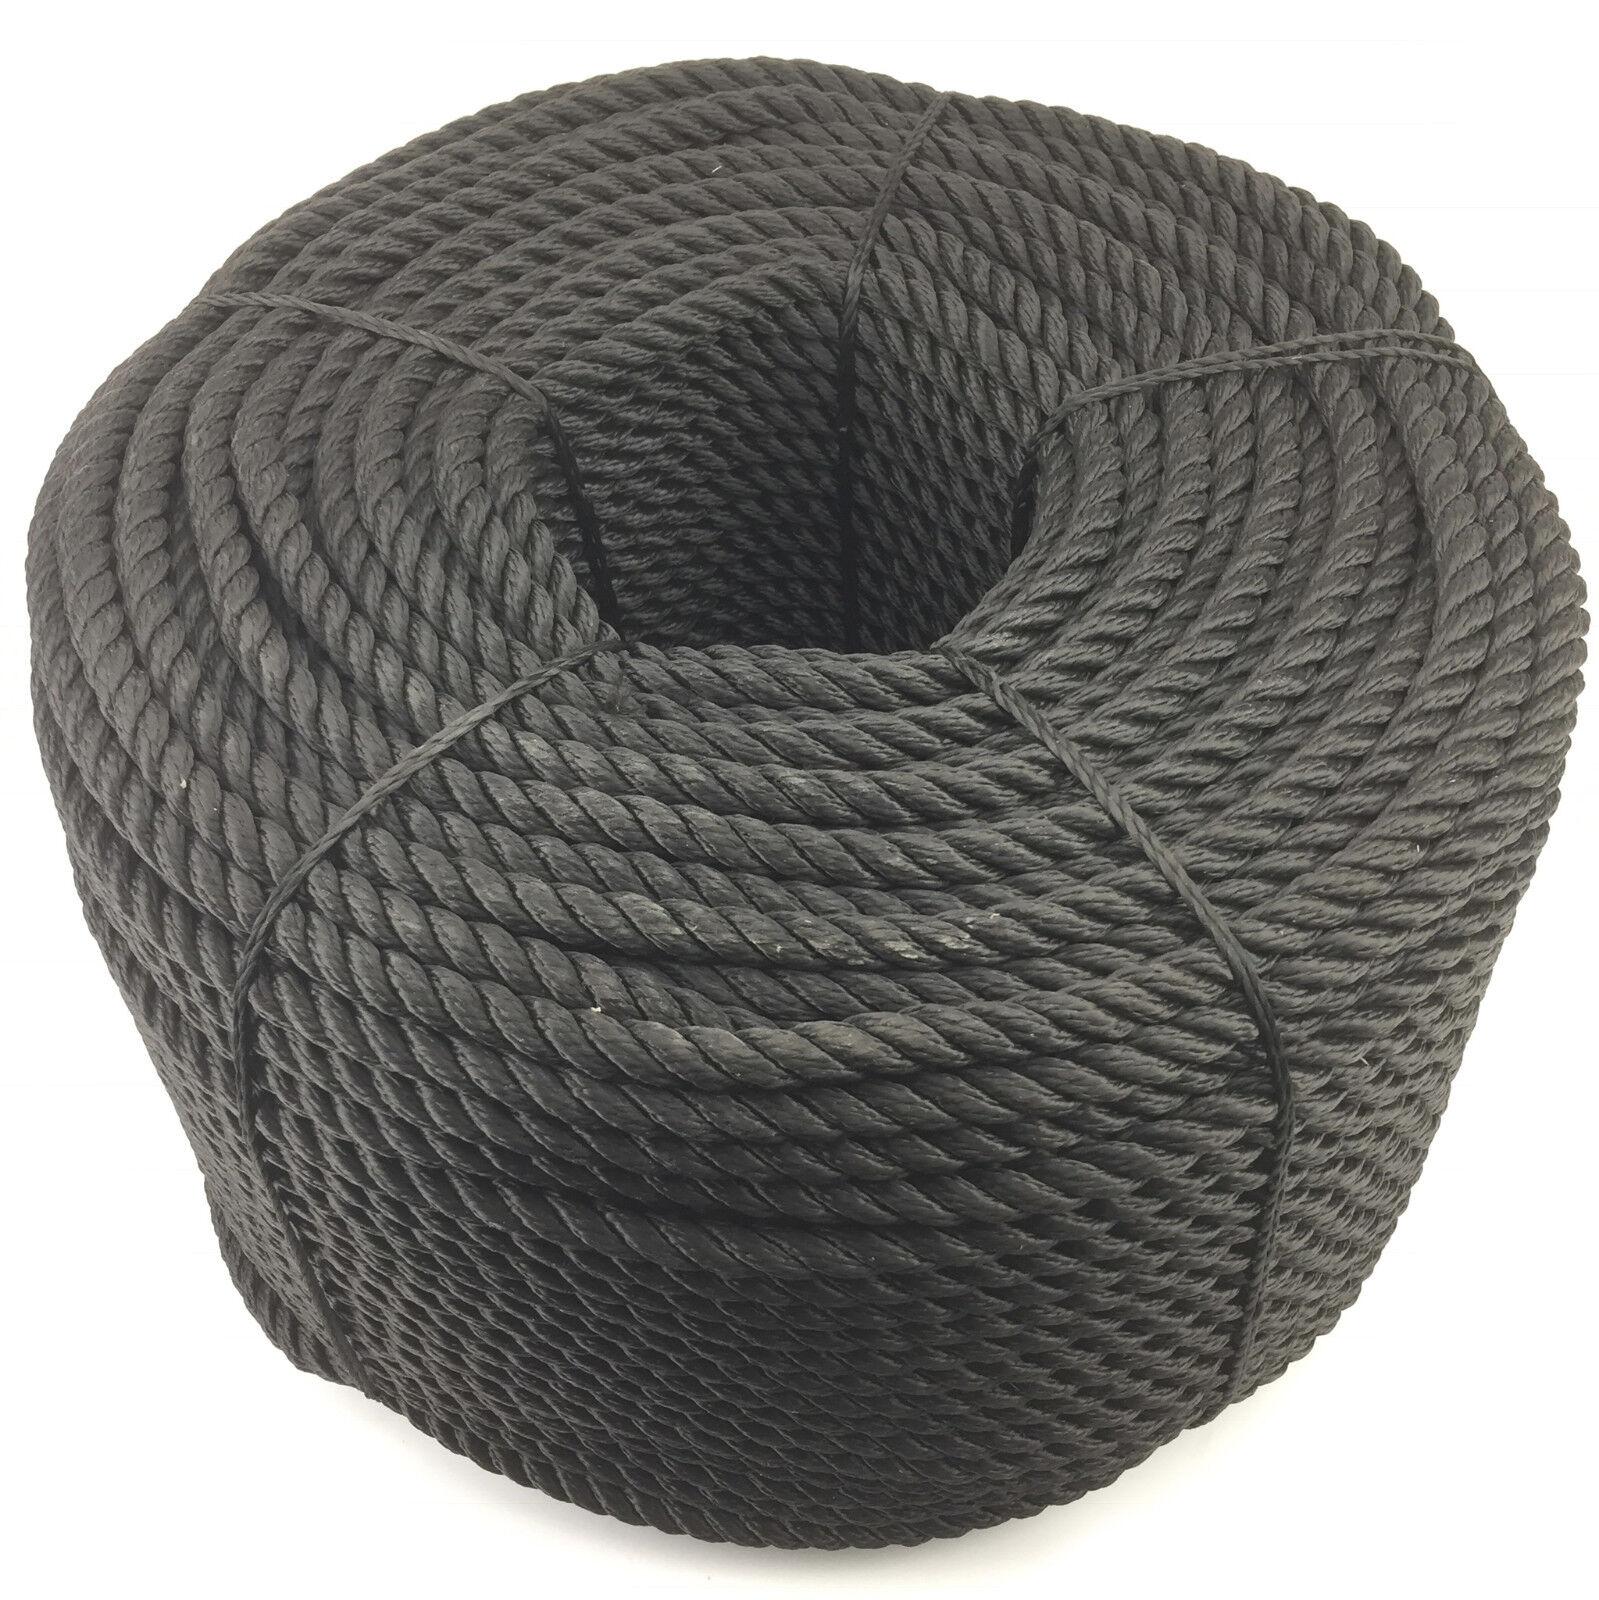 12MM Schwarz 3-Strang Multifilament x 45 m (schwimmende Seil) Softline Seil